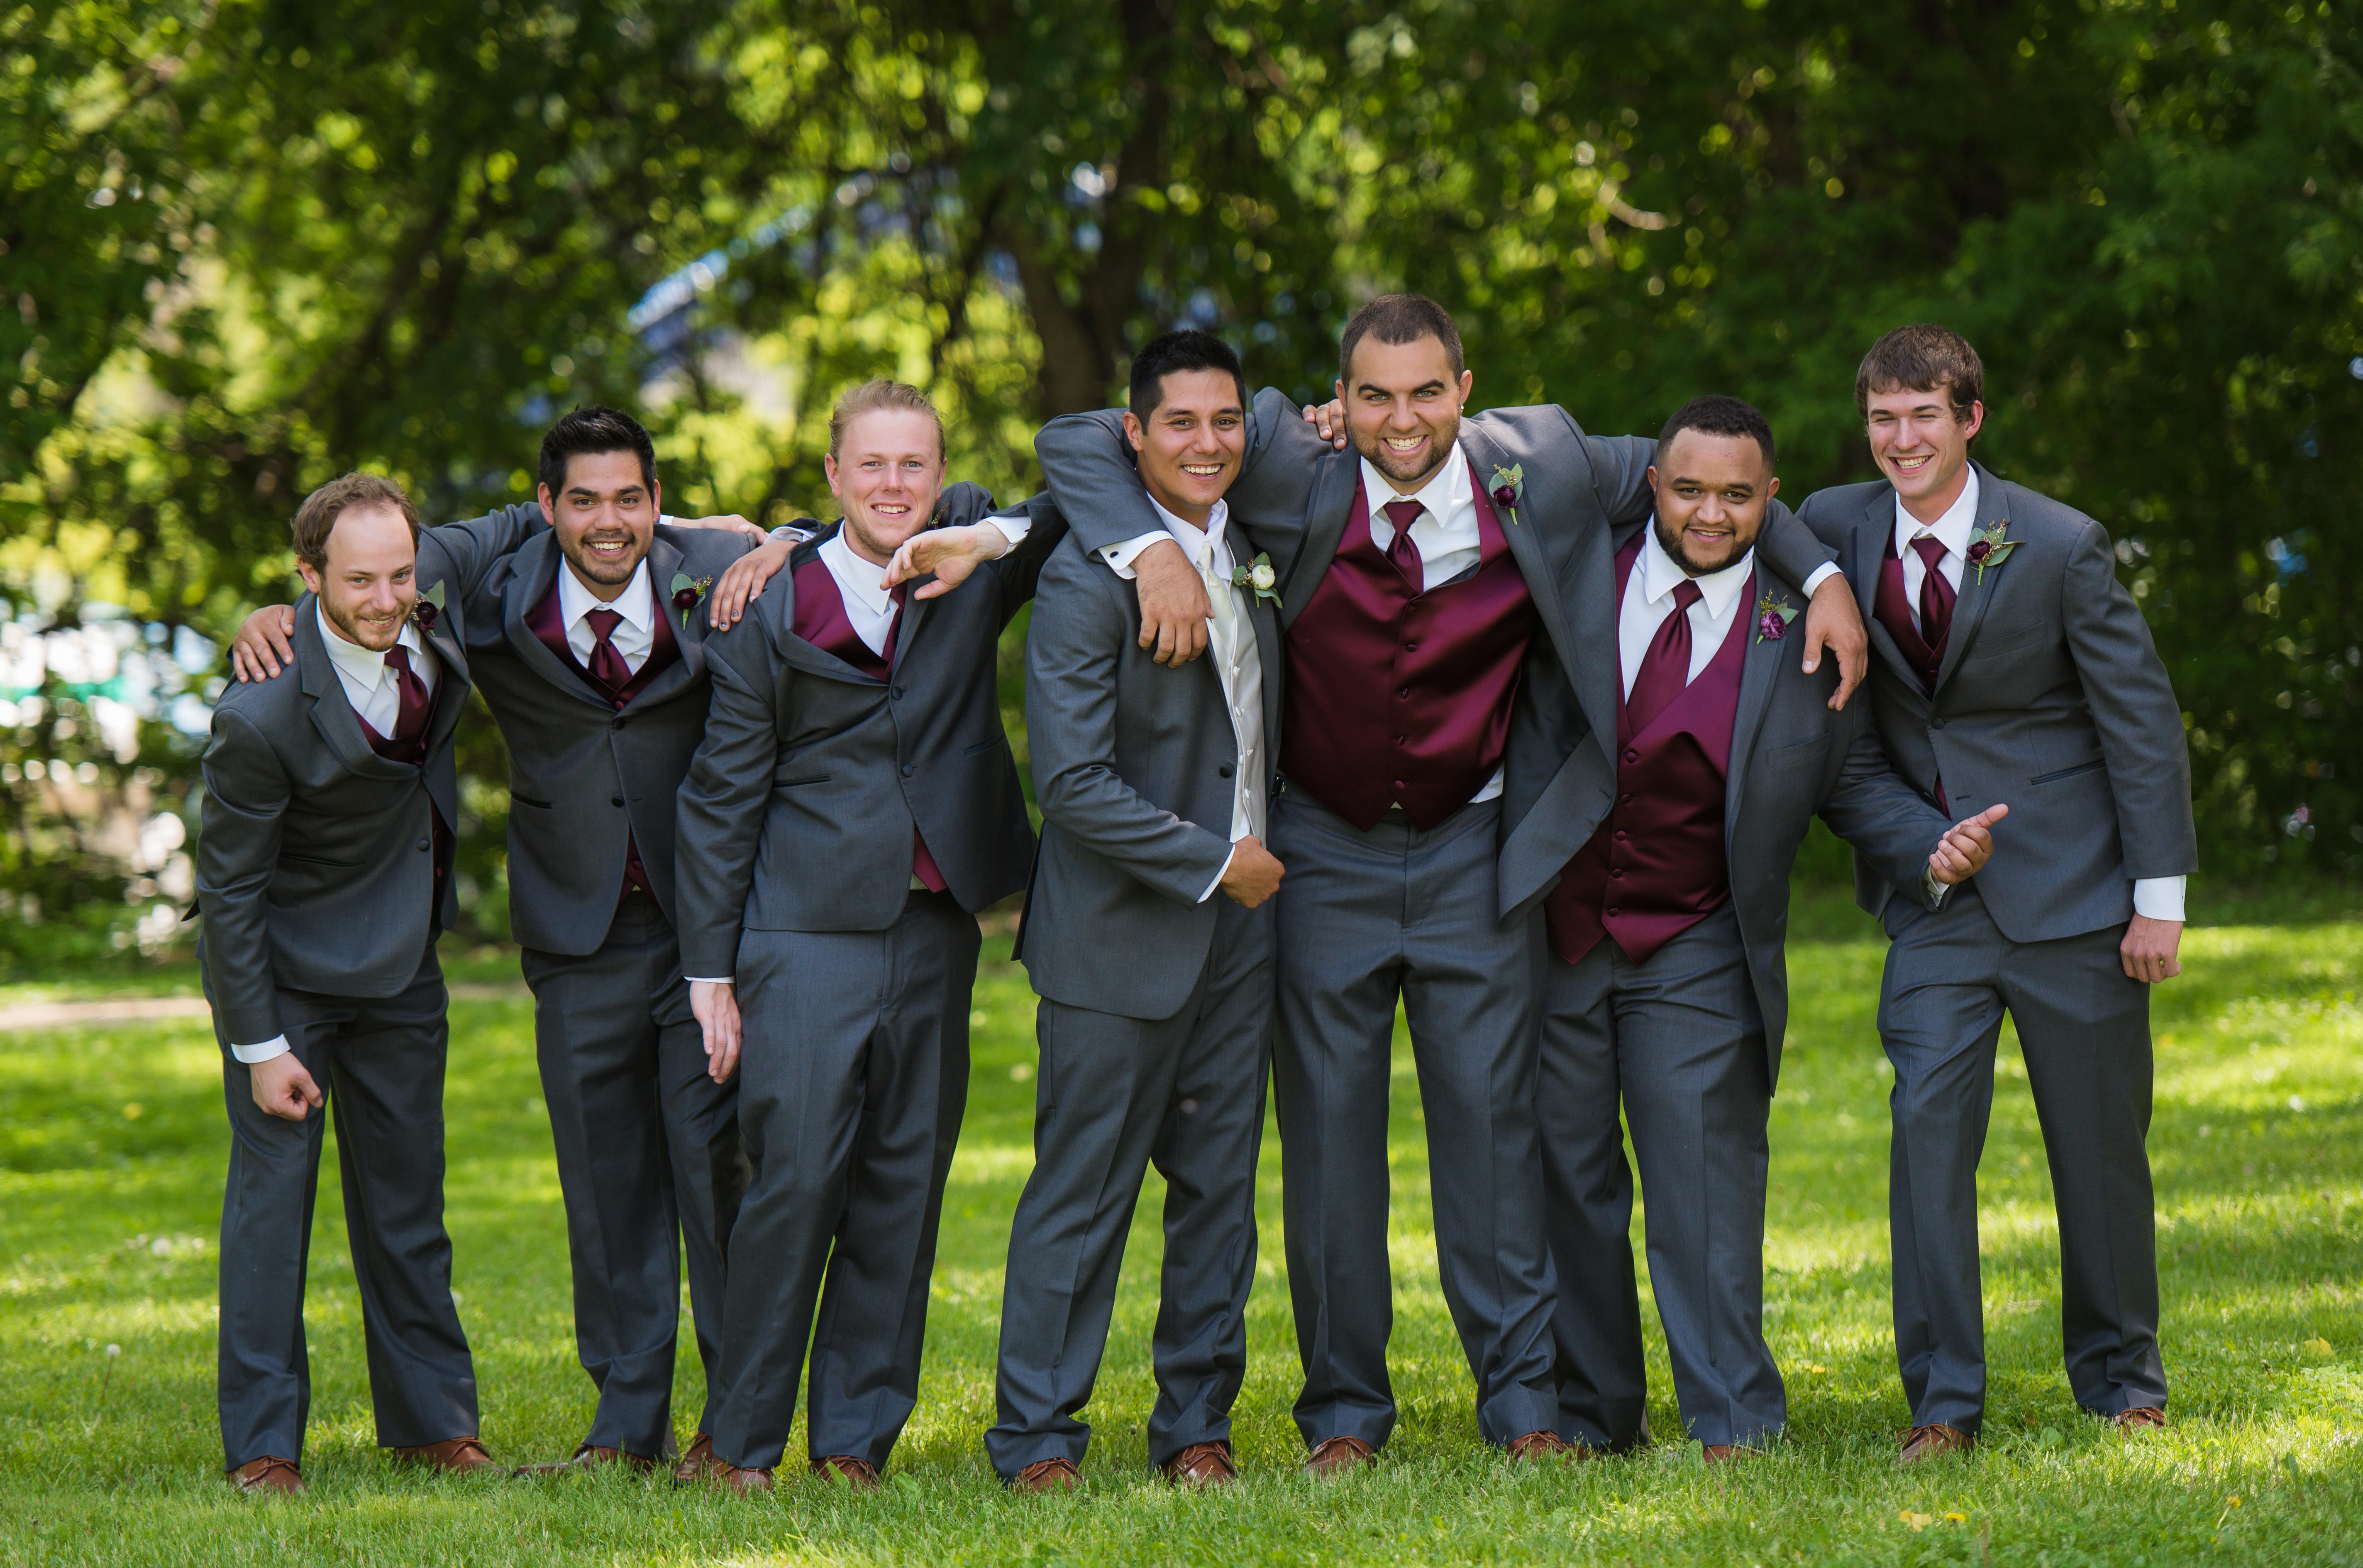 twincities wedding photography east oaks photography wedding photo (8)